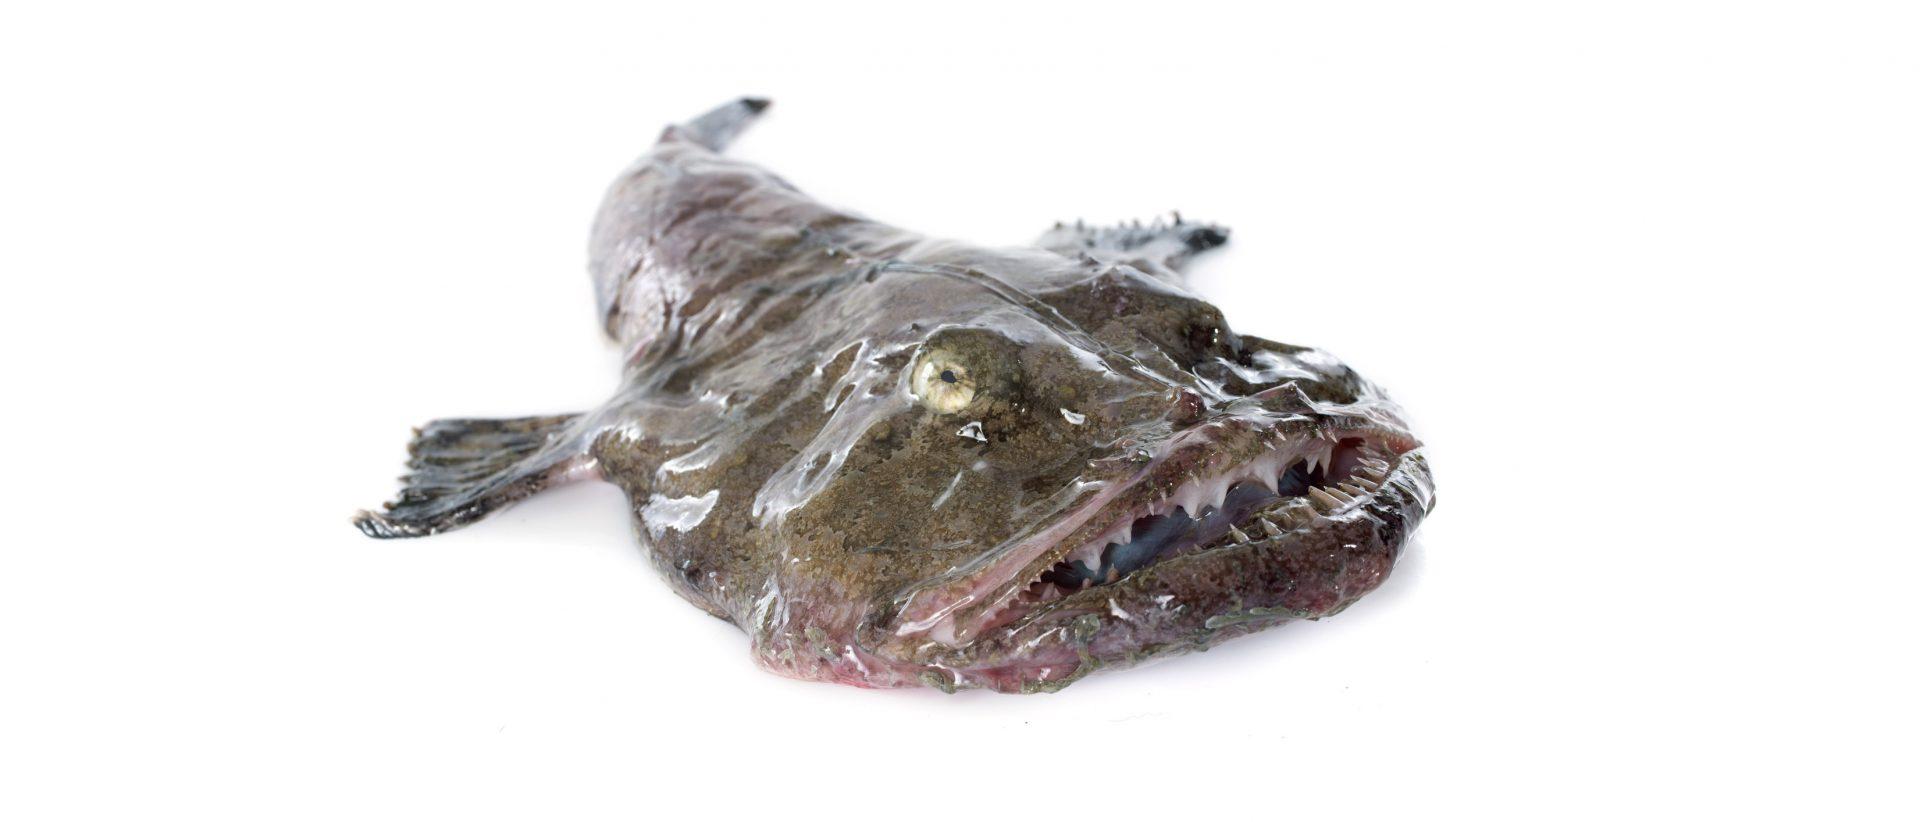 Zeeduivel - Murko Seafood